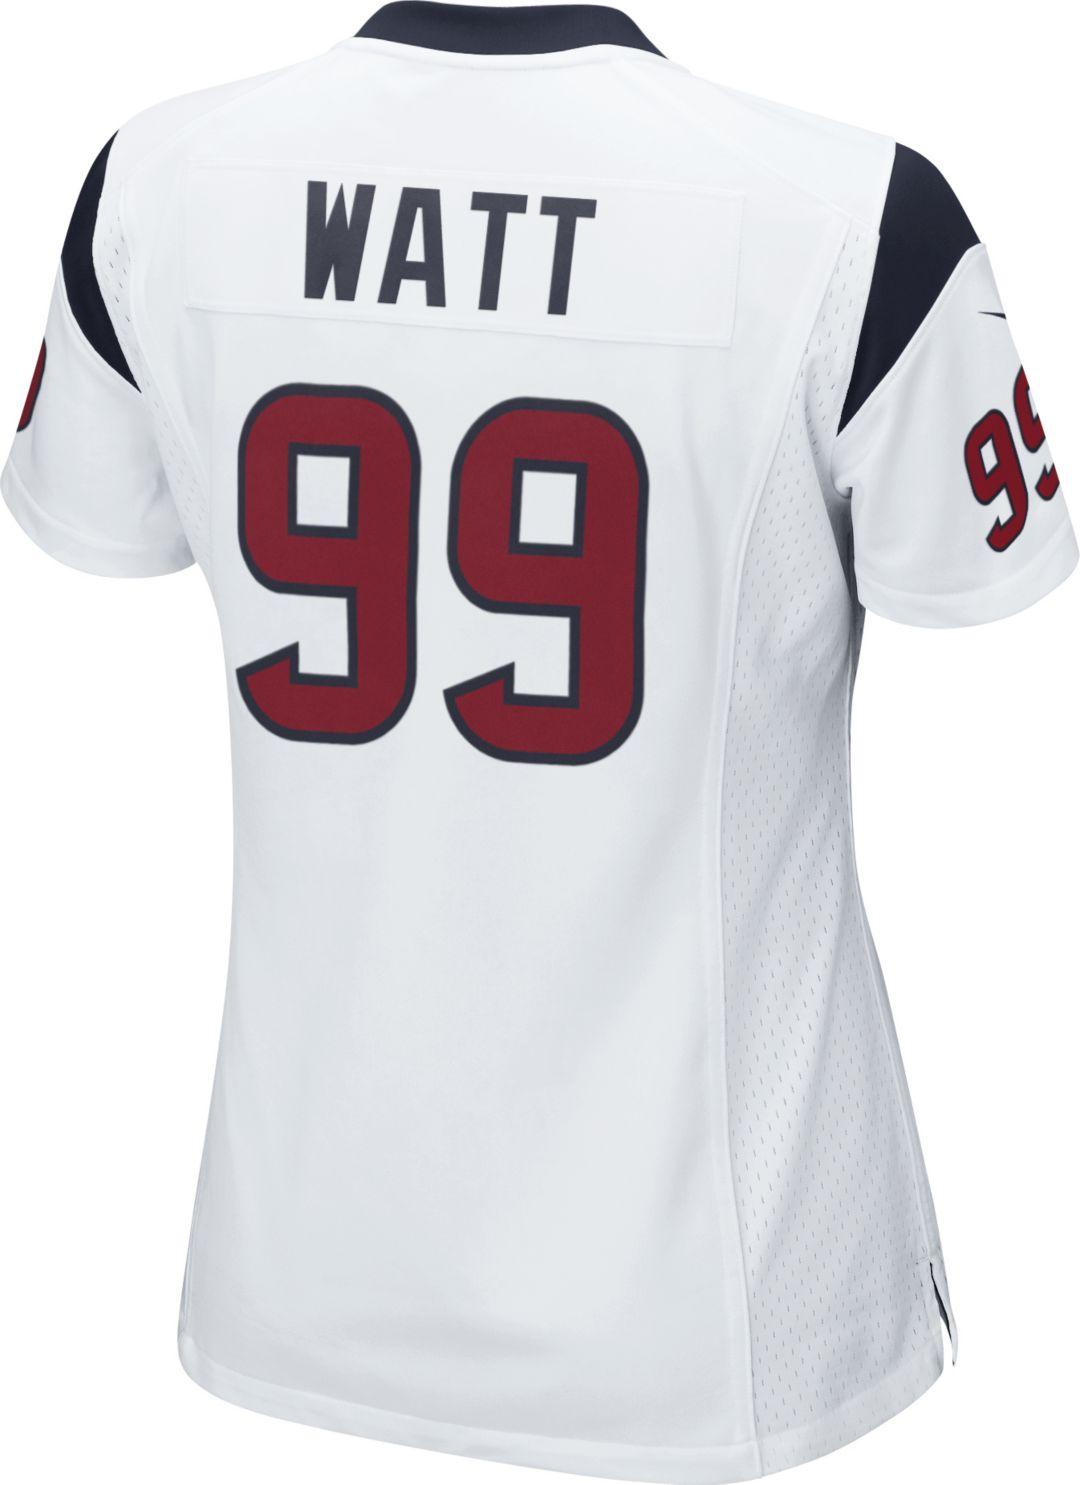 new arrival 6b7ea a0446 Nike Women's Away Game Jersey Houston Texans J.J. Watt #99